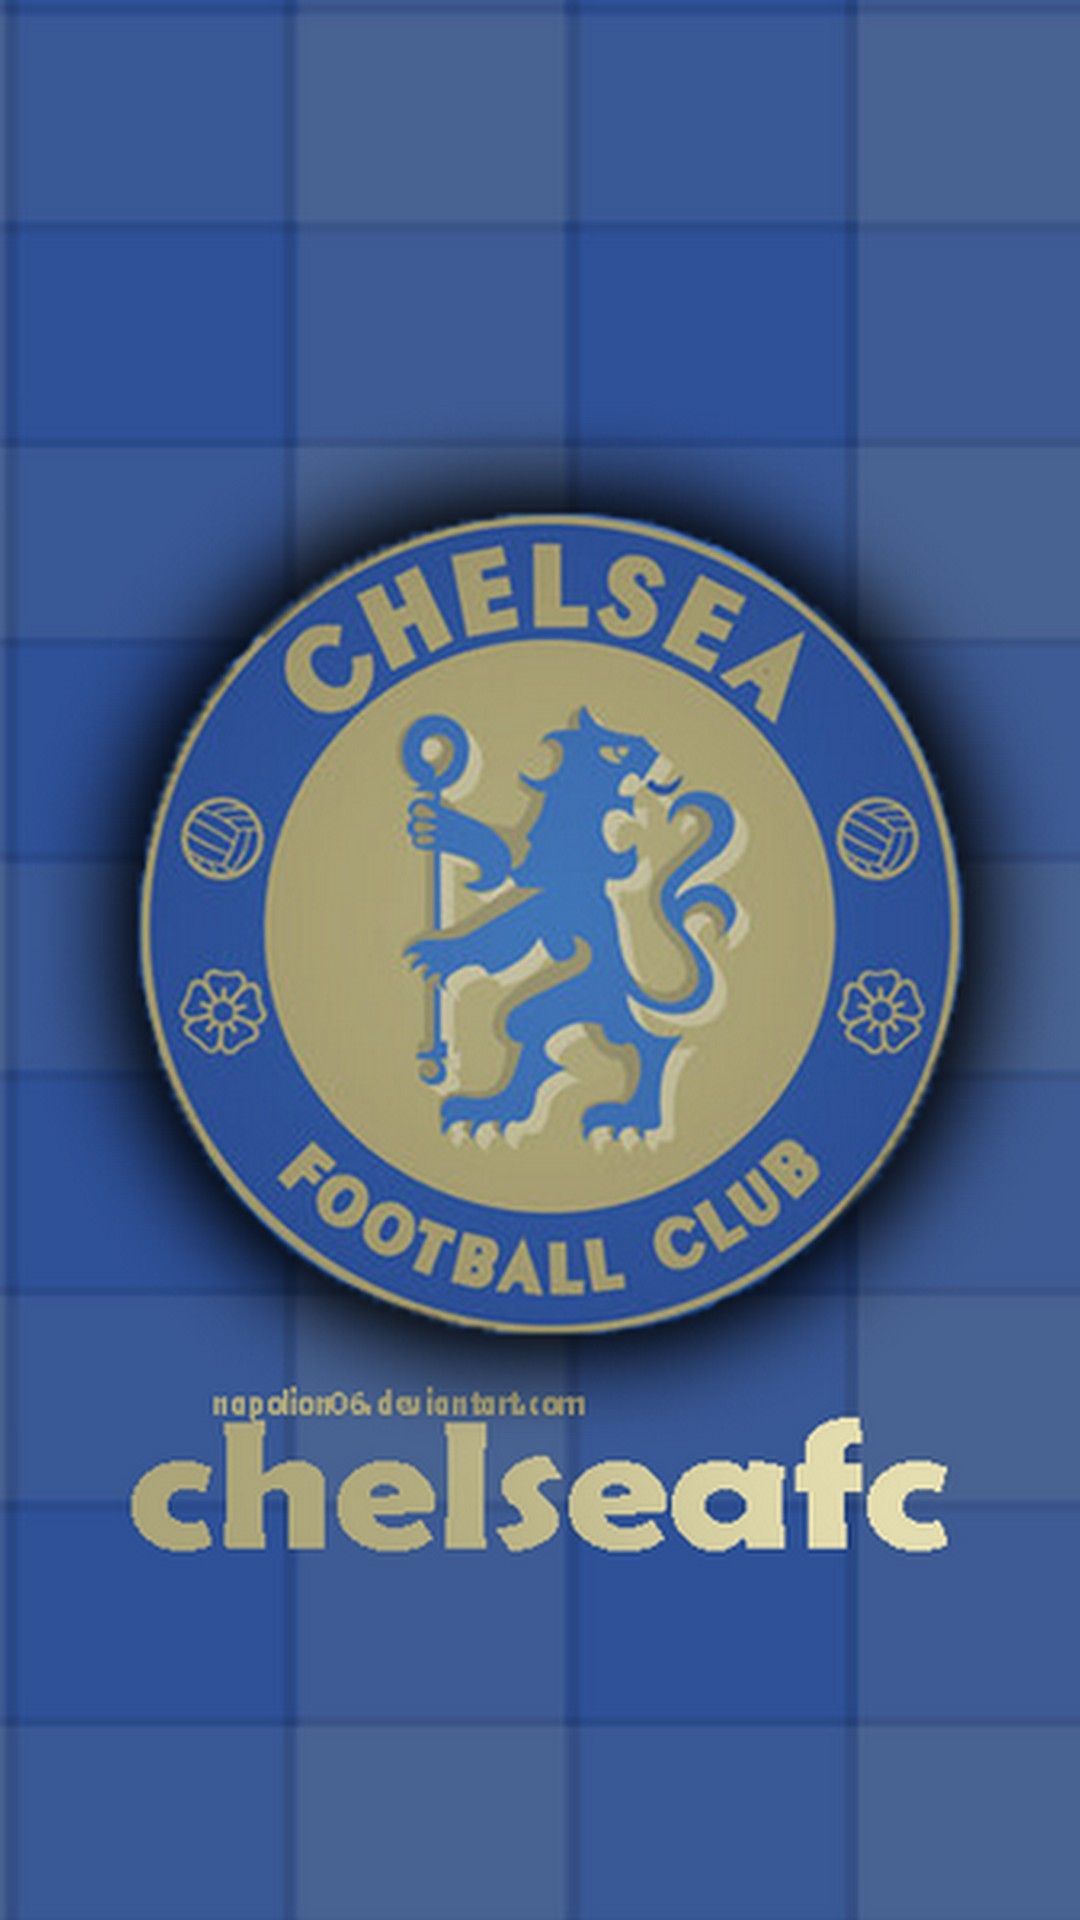 Chelsea London Wallpaper iPhone HD Best Wallpaper HD